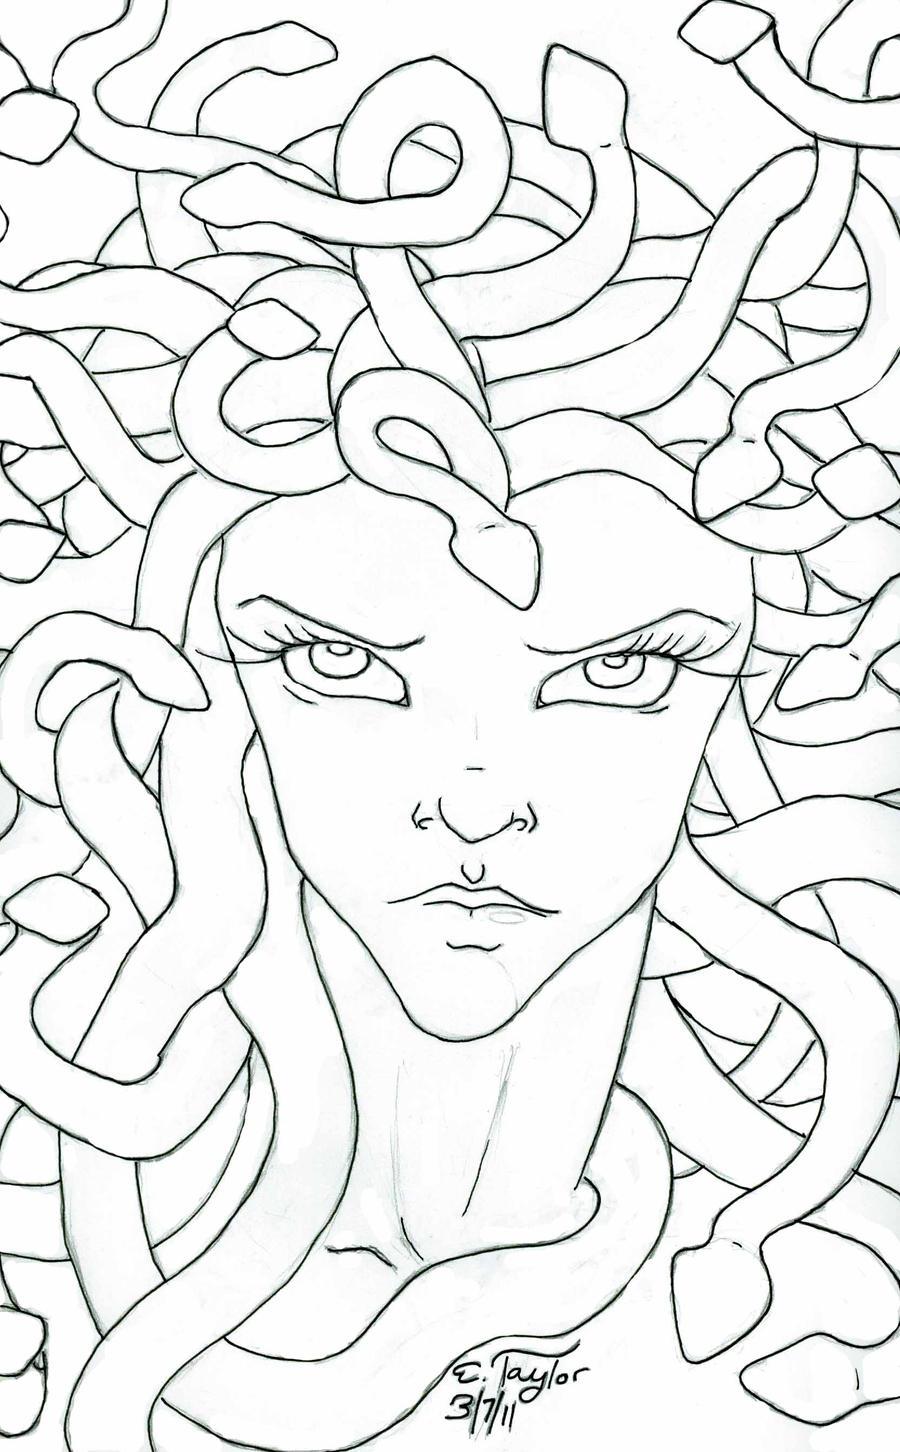 Medusa by bizliz on deviantart for Medusa coloring page